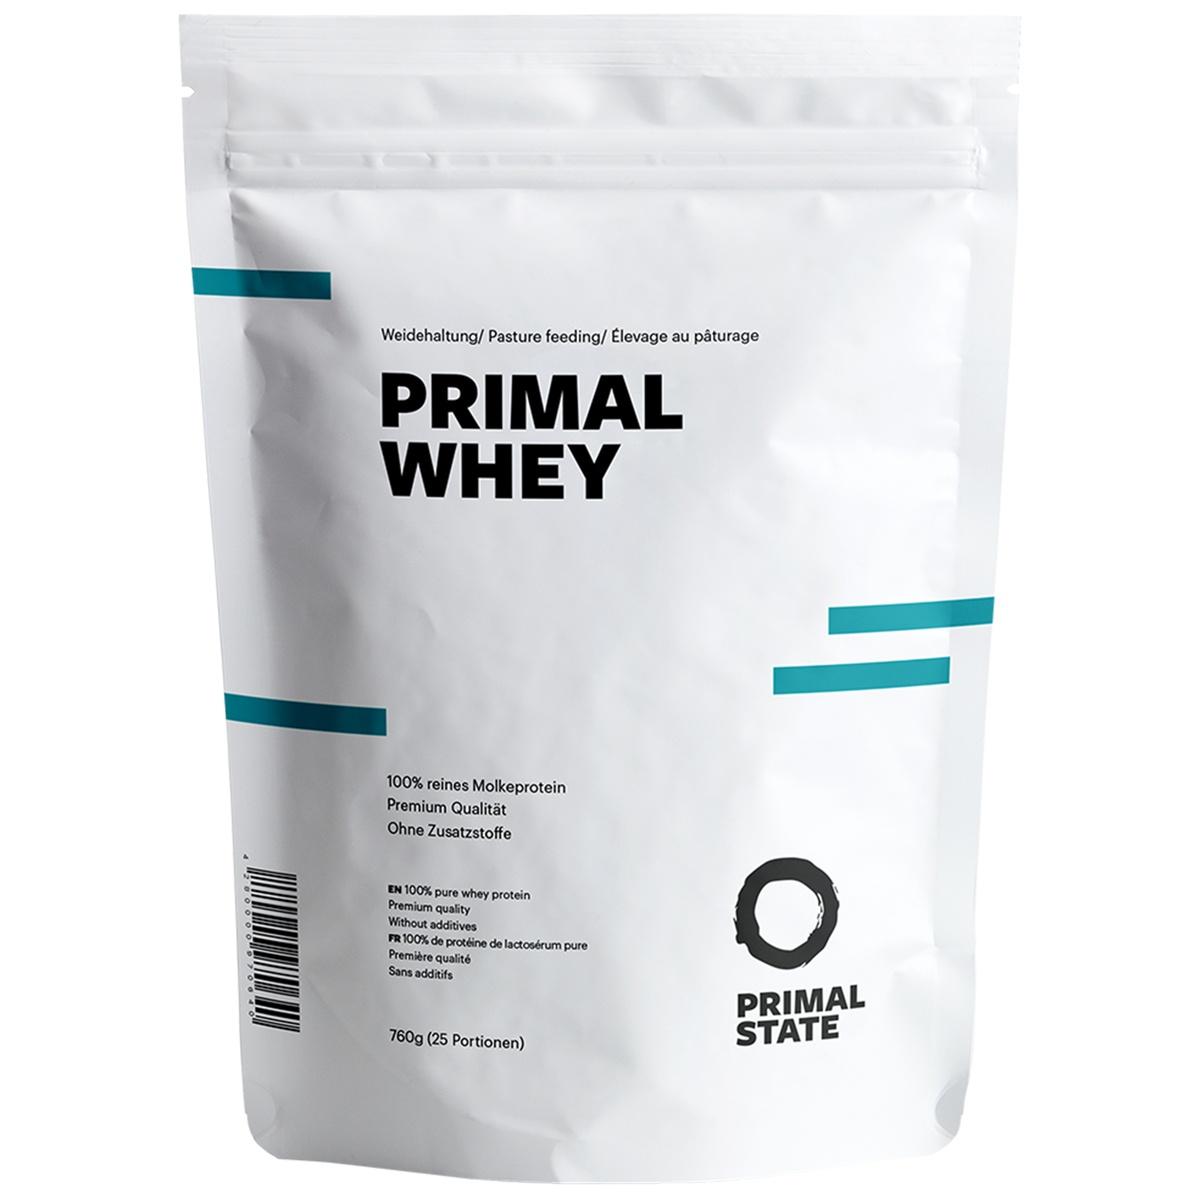 Das beste Proteinpulver 2019! Proteinpulver im Vergleich / PRIMAL WHEY